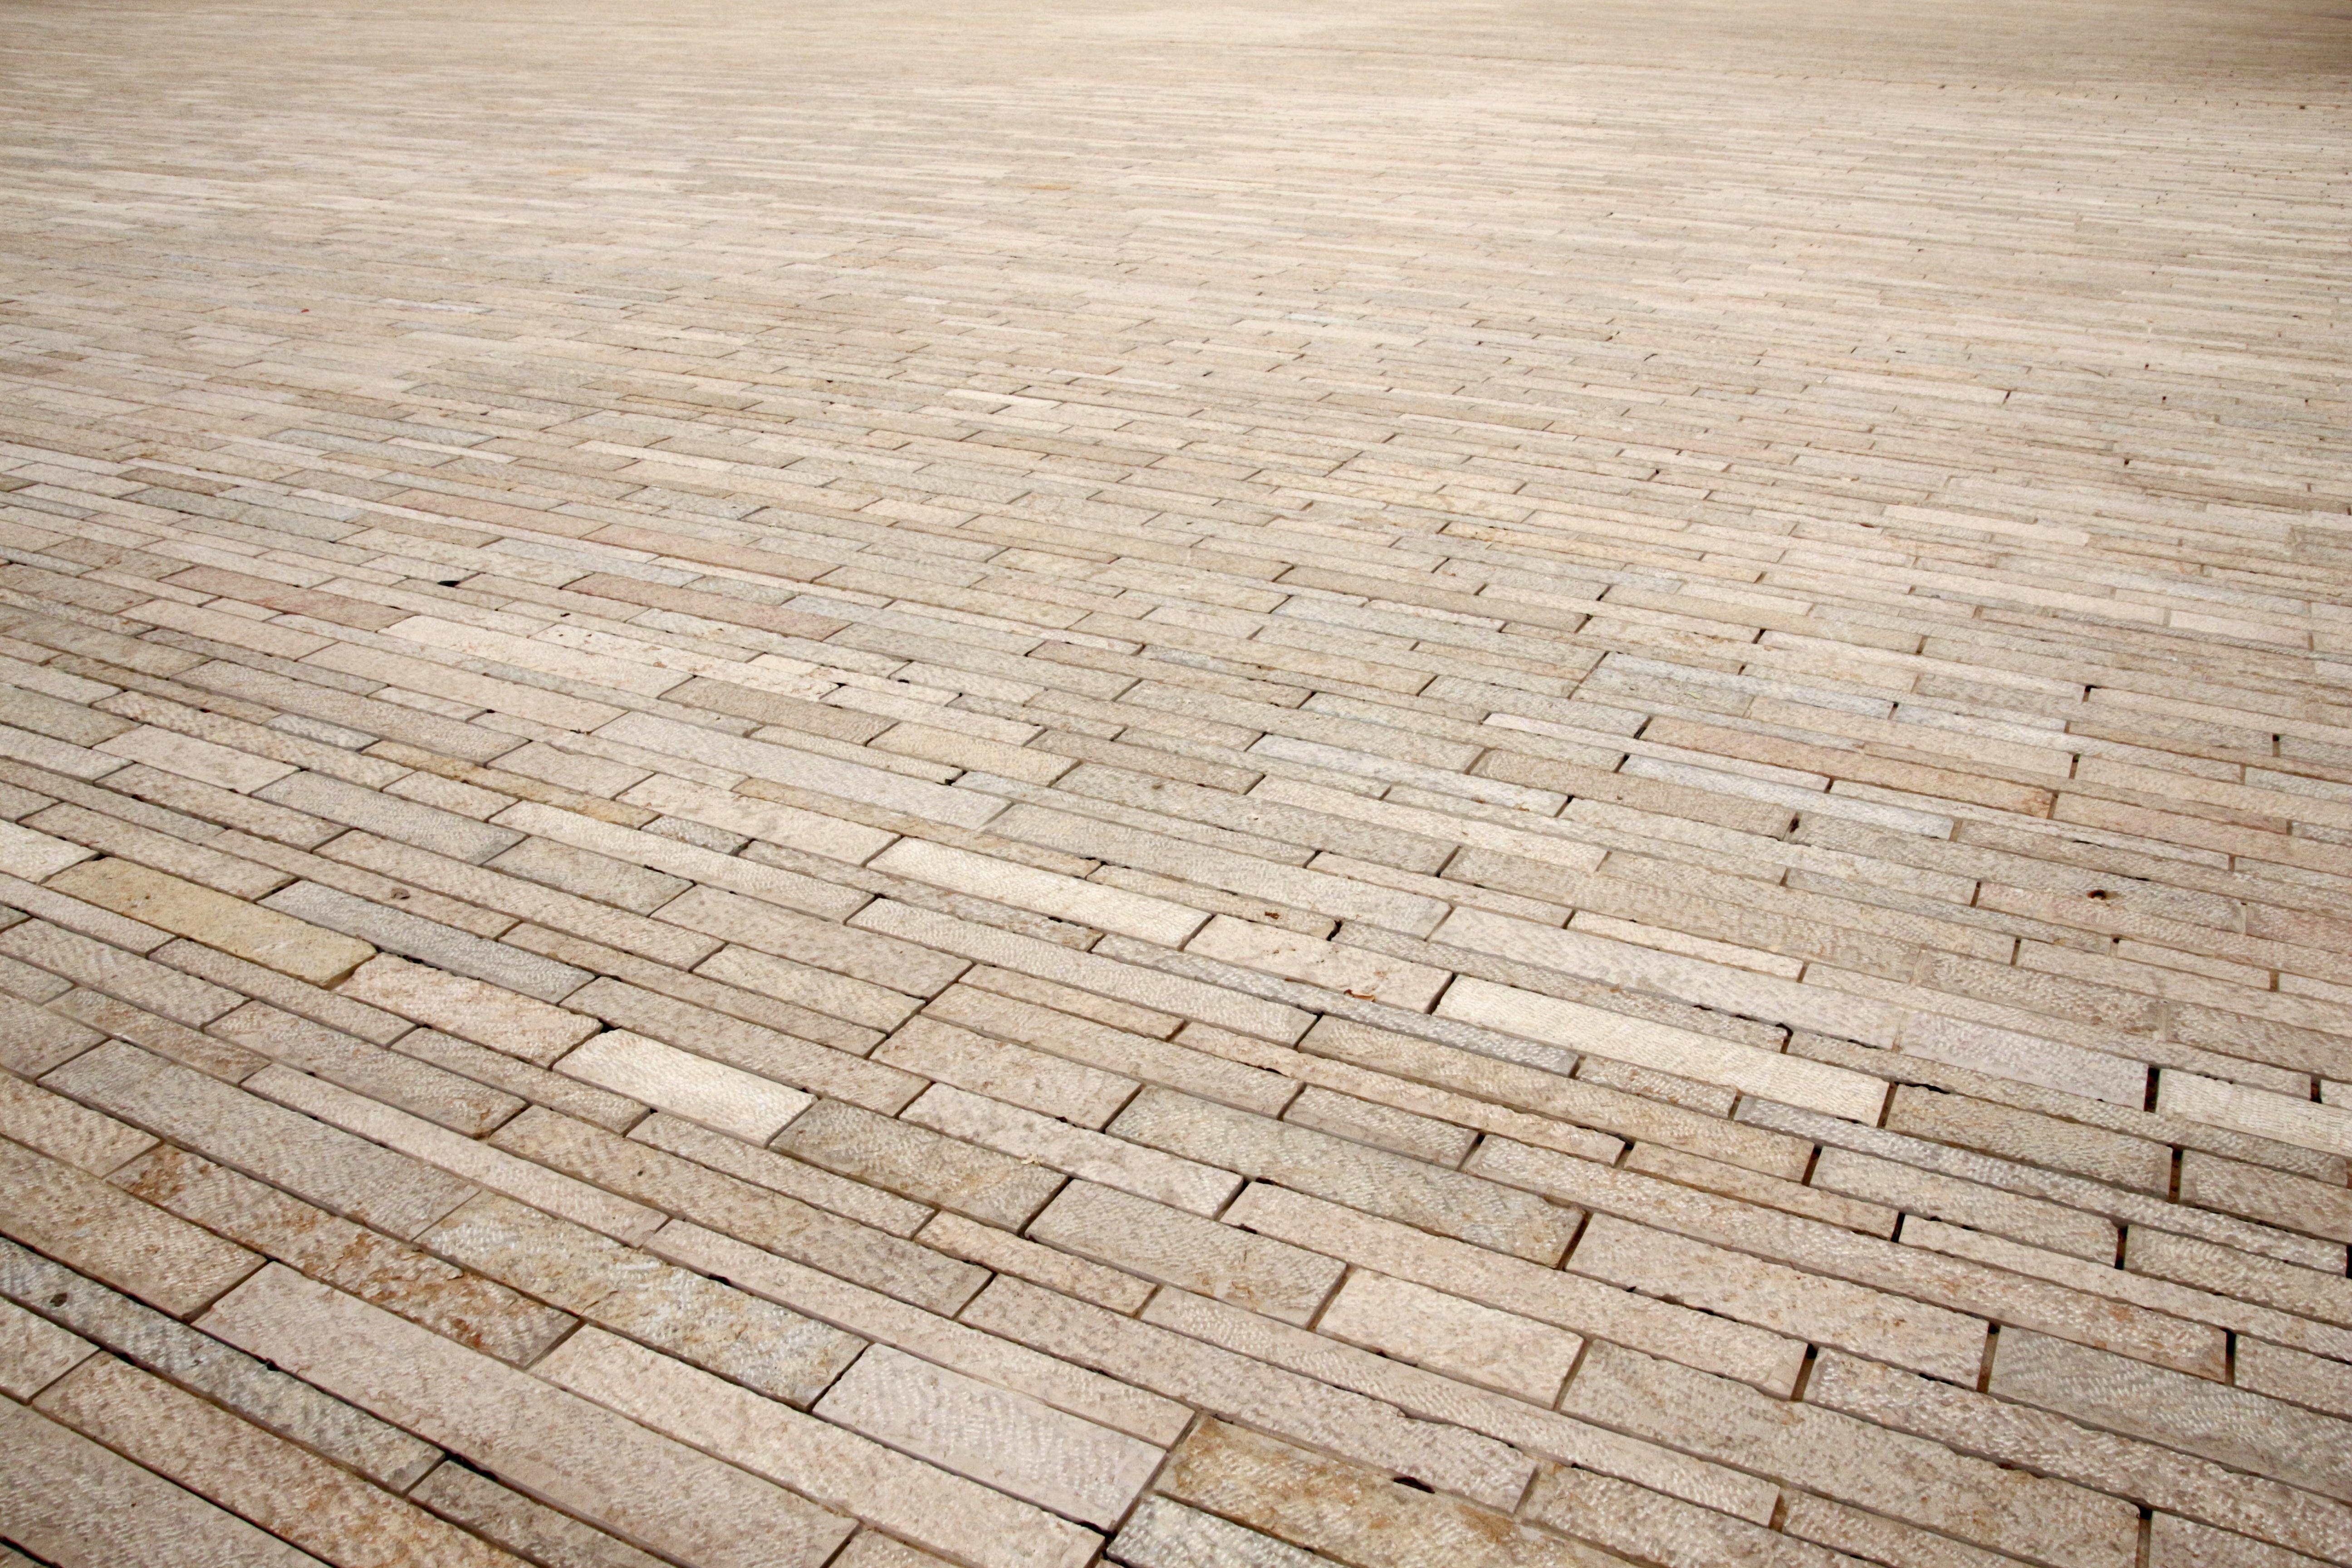 patrn imagen de fondo parche madera dura lejos cubierta adoquines piso de piedra construccin vial suelos